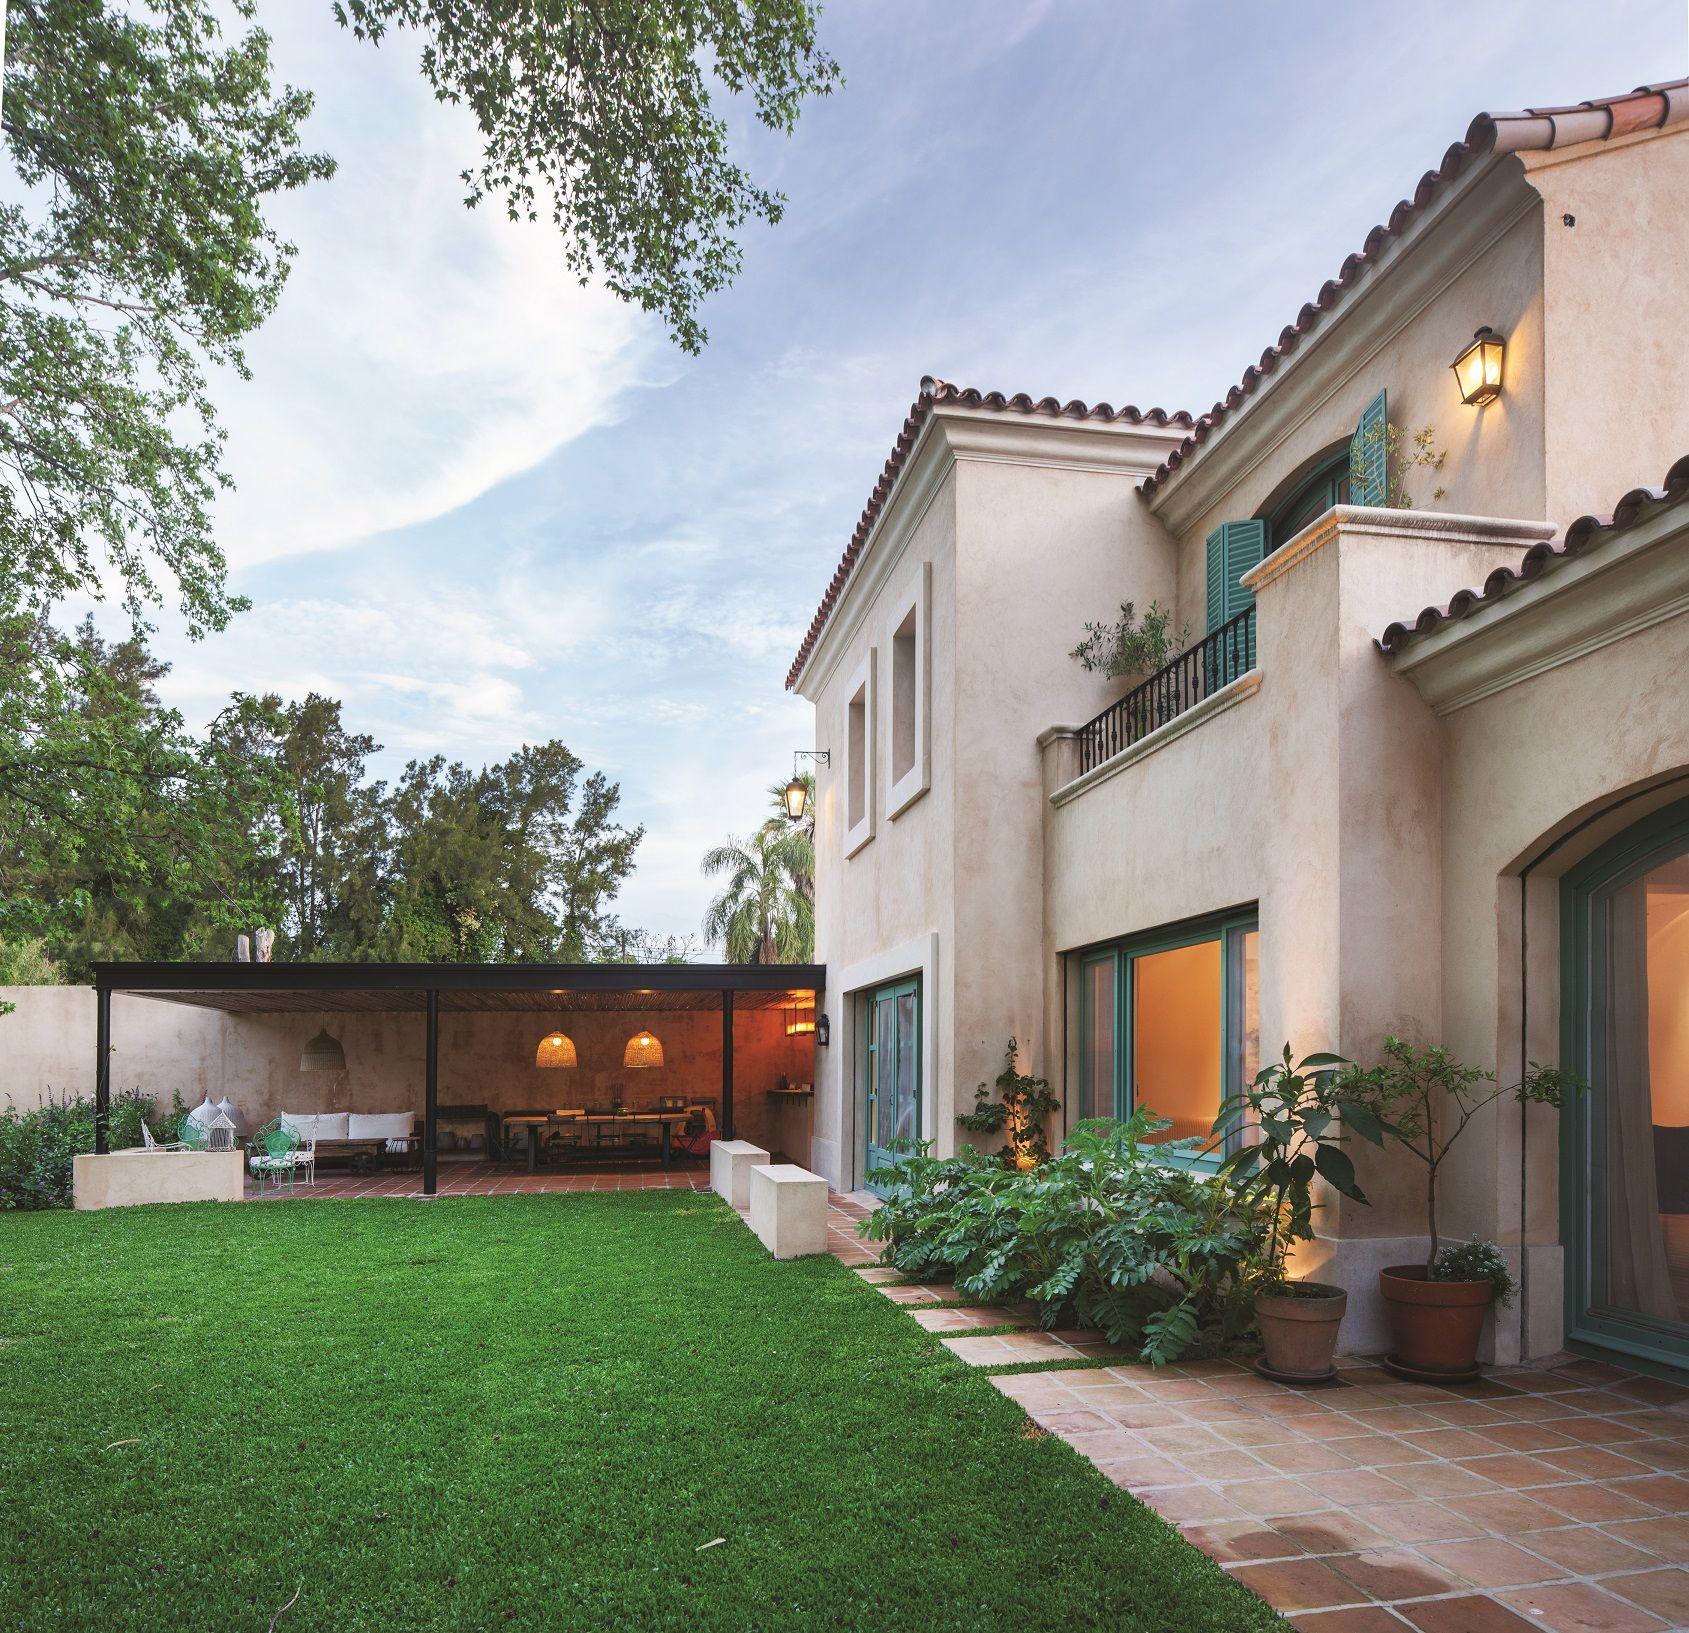 Arquitectura paisajismo ricardo pereyra iraola for Fachadas de casas estilo moderno